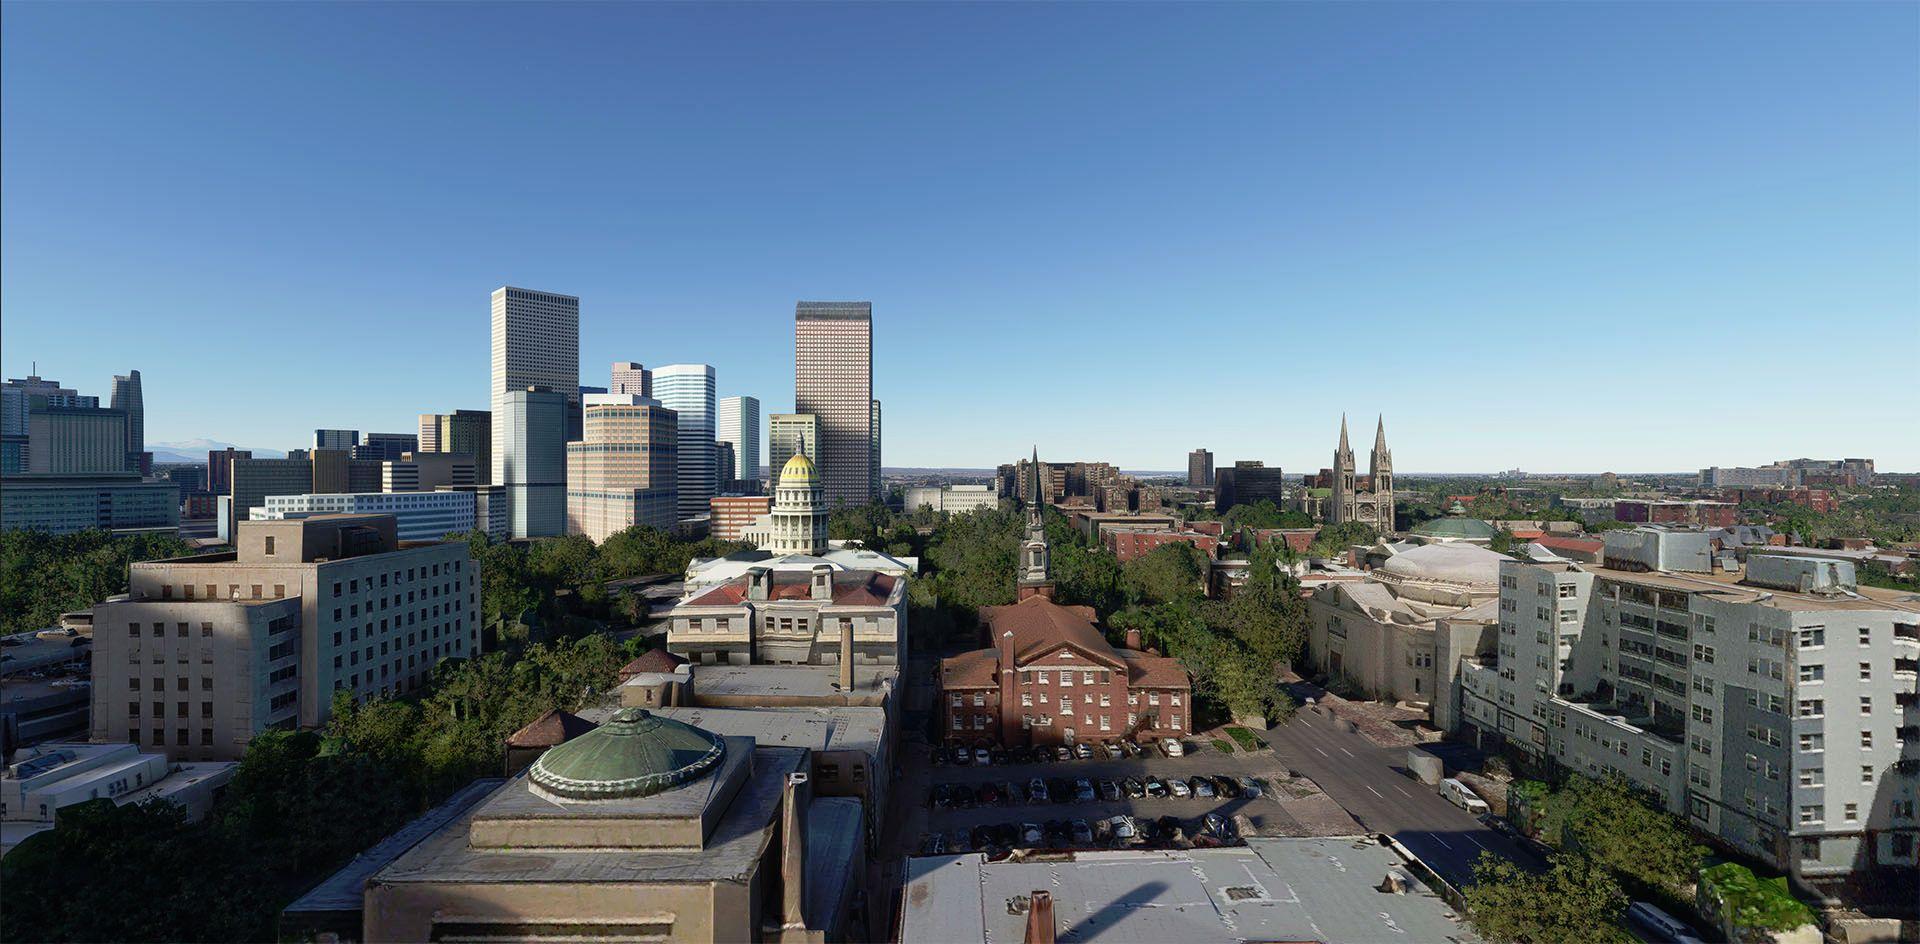 MSFS Denver Photogrammetry